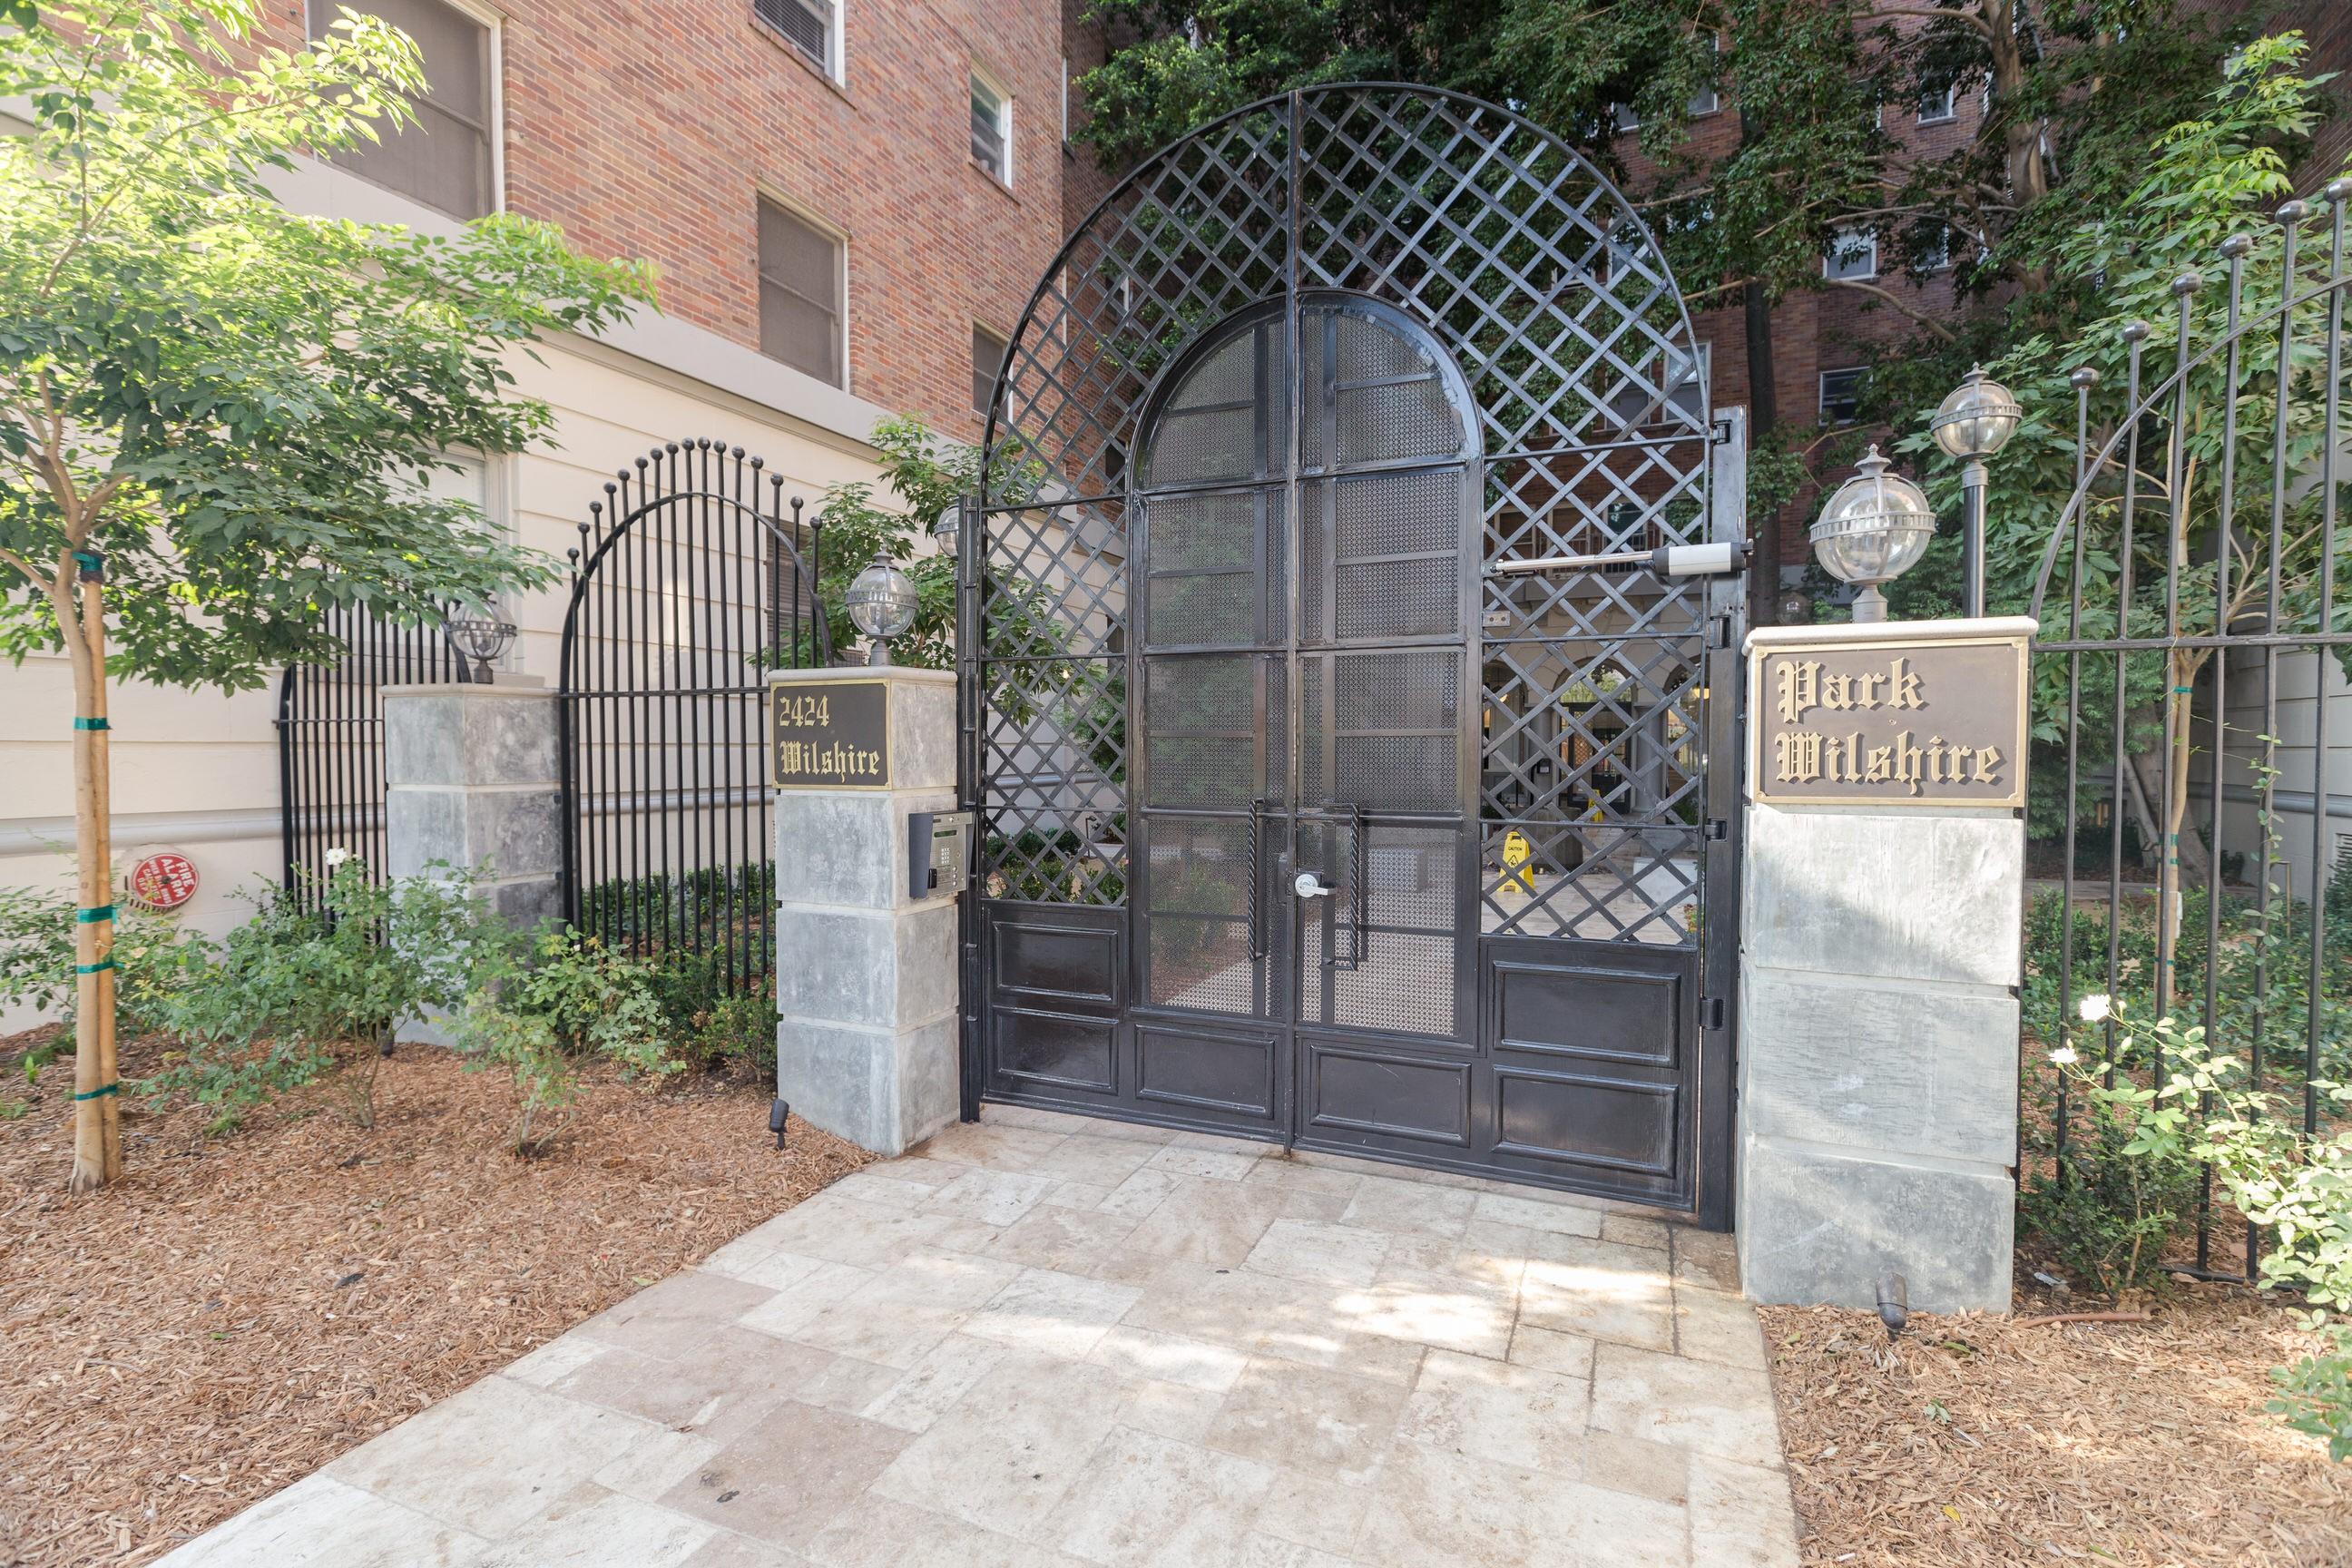 Park Wilshire rental